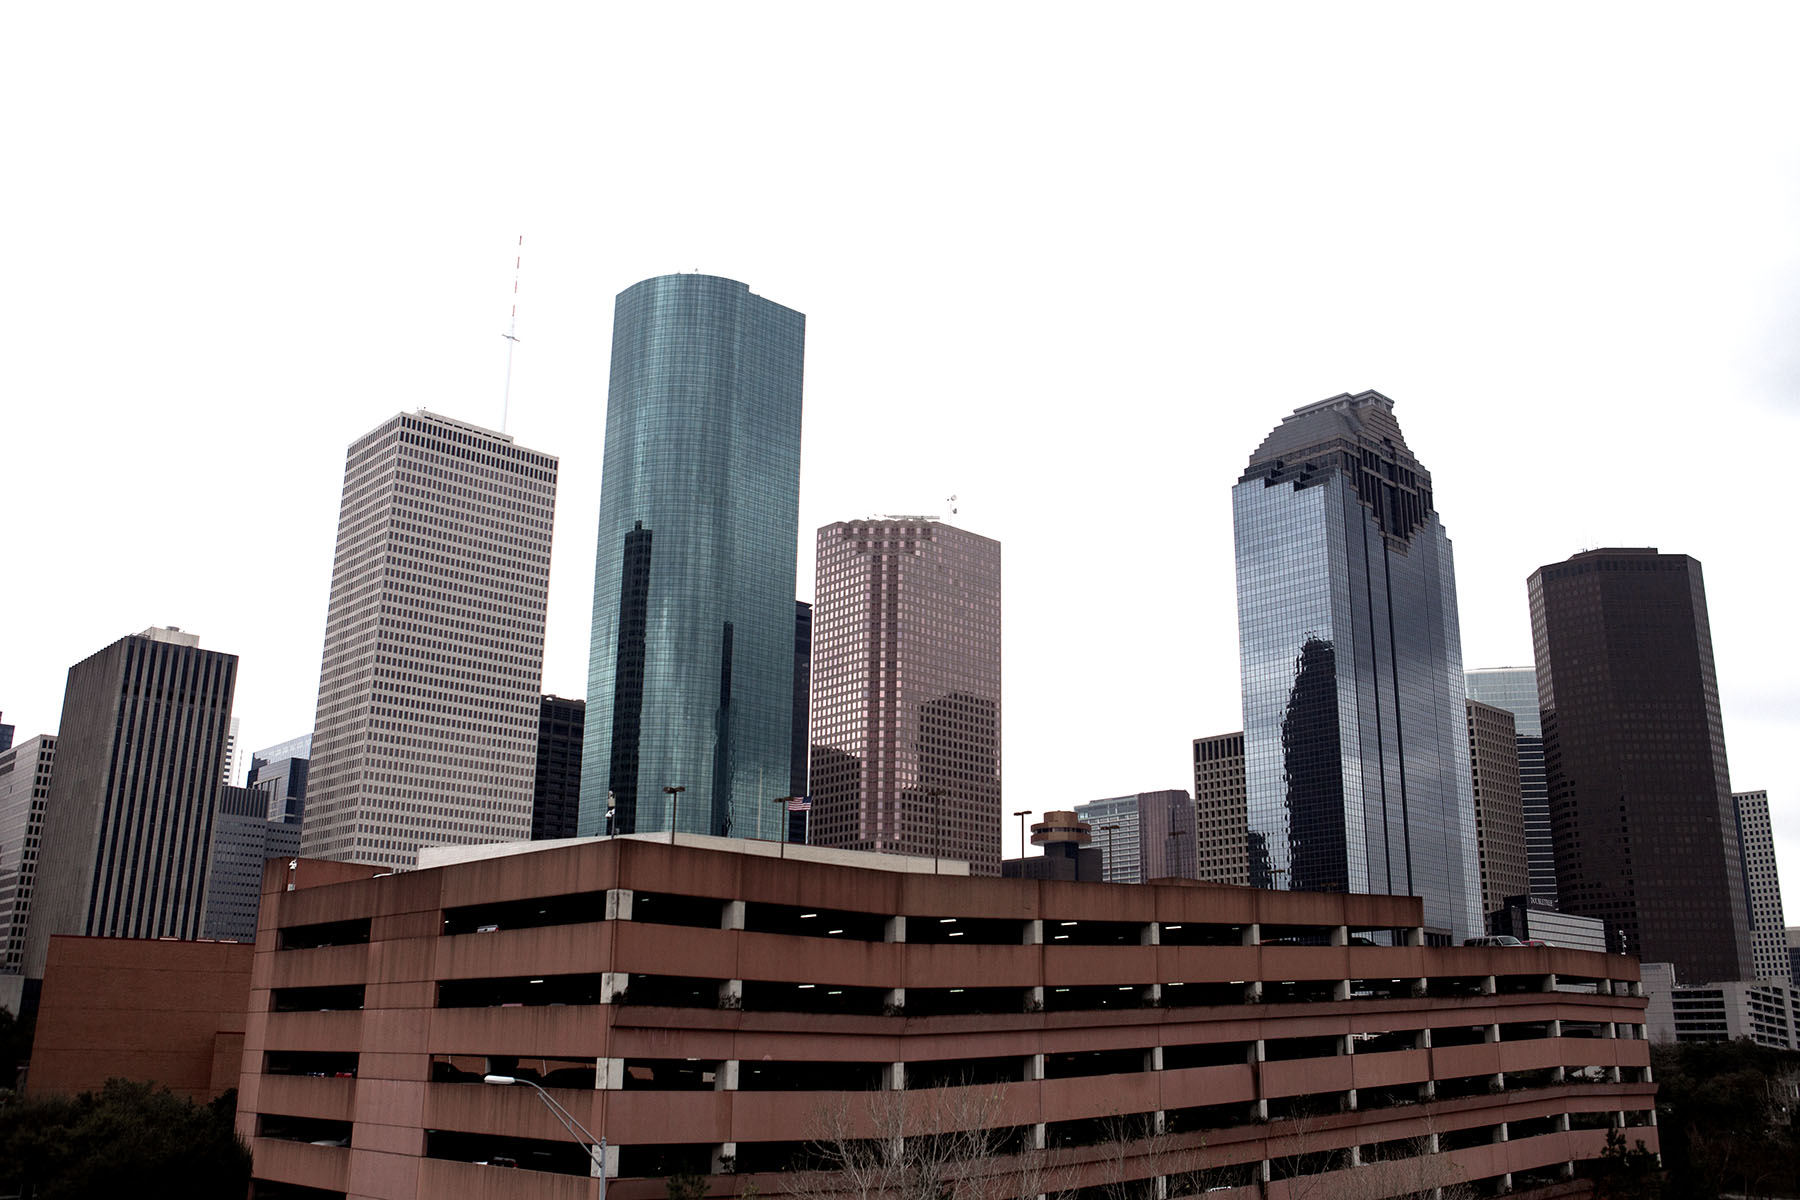 Houstons downtown är ett av de tråkigaste i USA. Nästan inga butiker och glest mellan restaurangerna. Men de har fina parkeringsgarage.